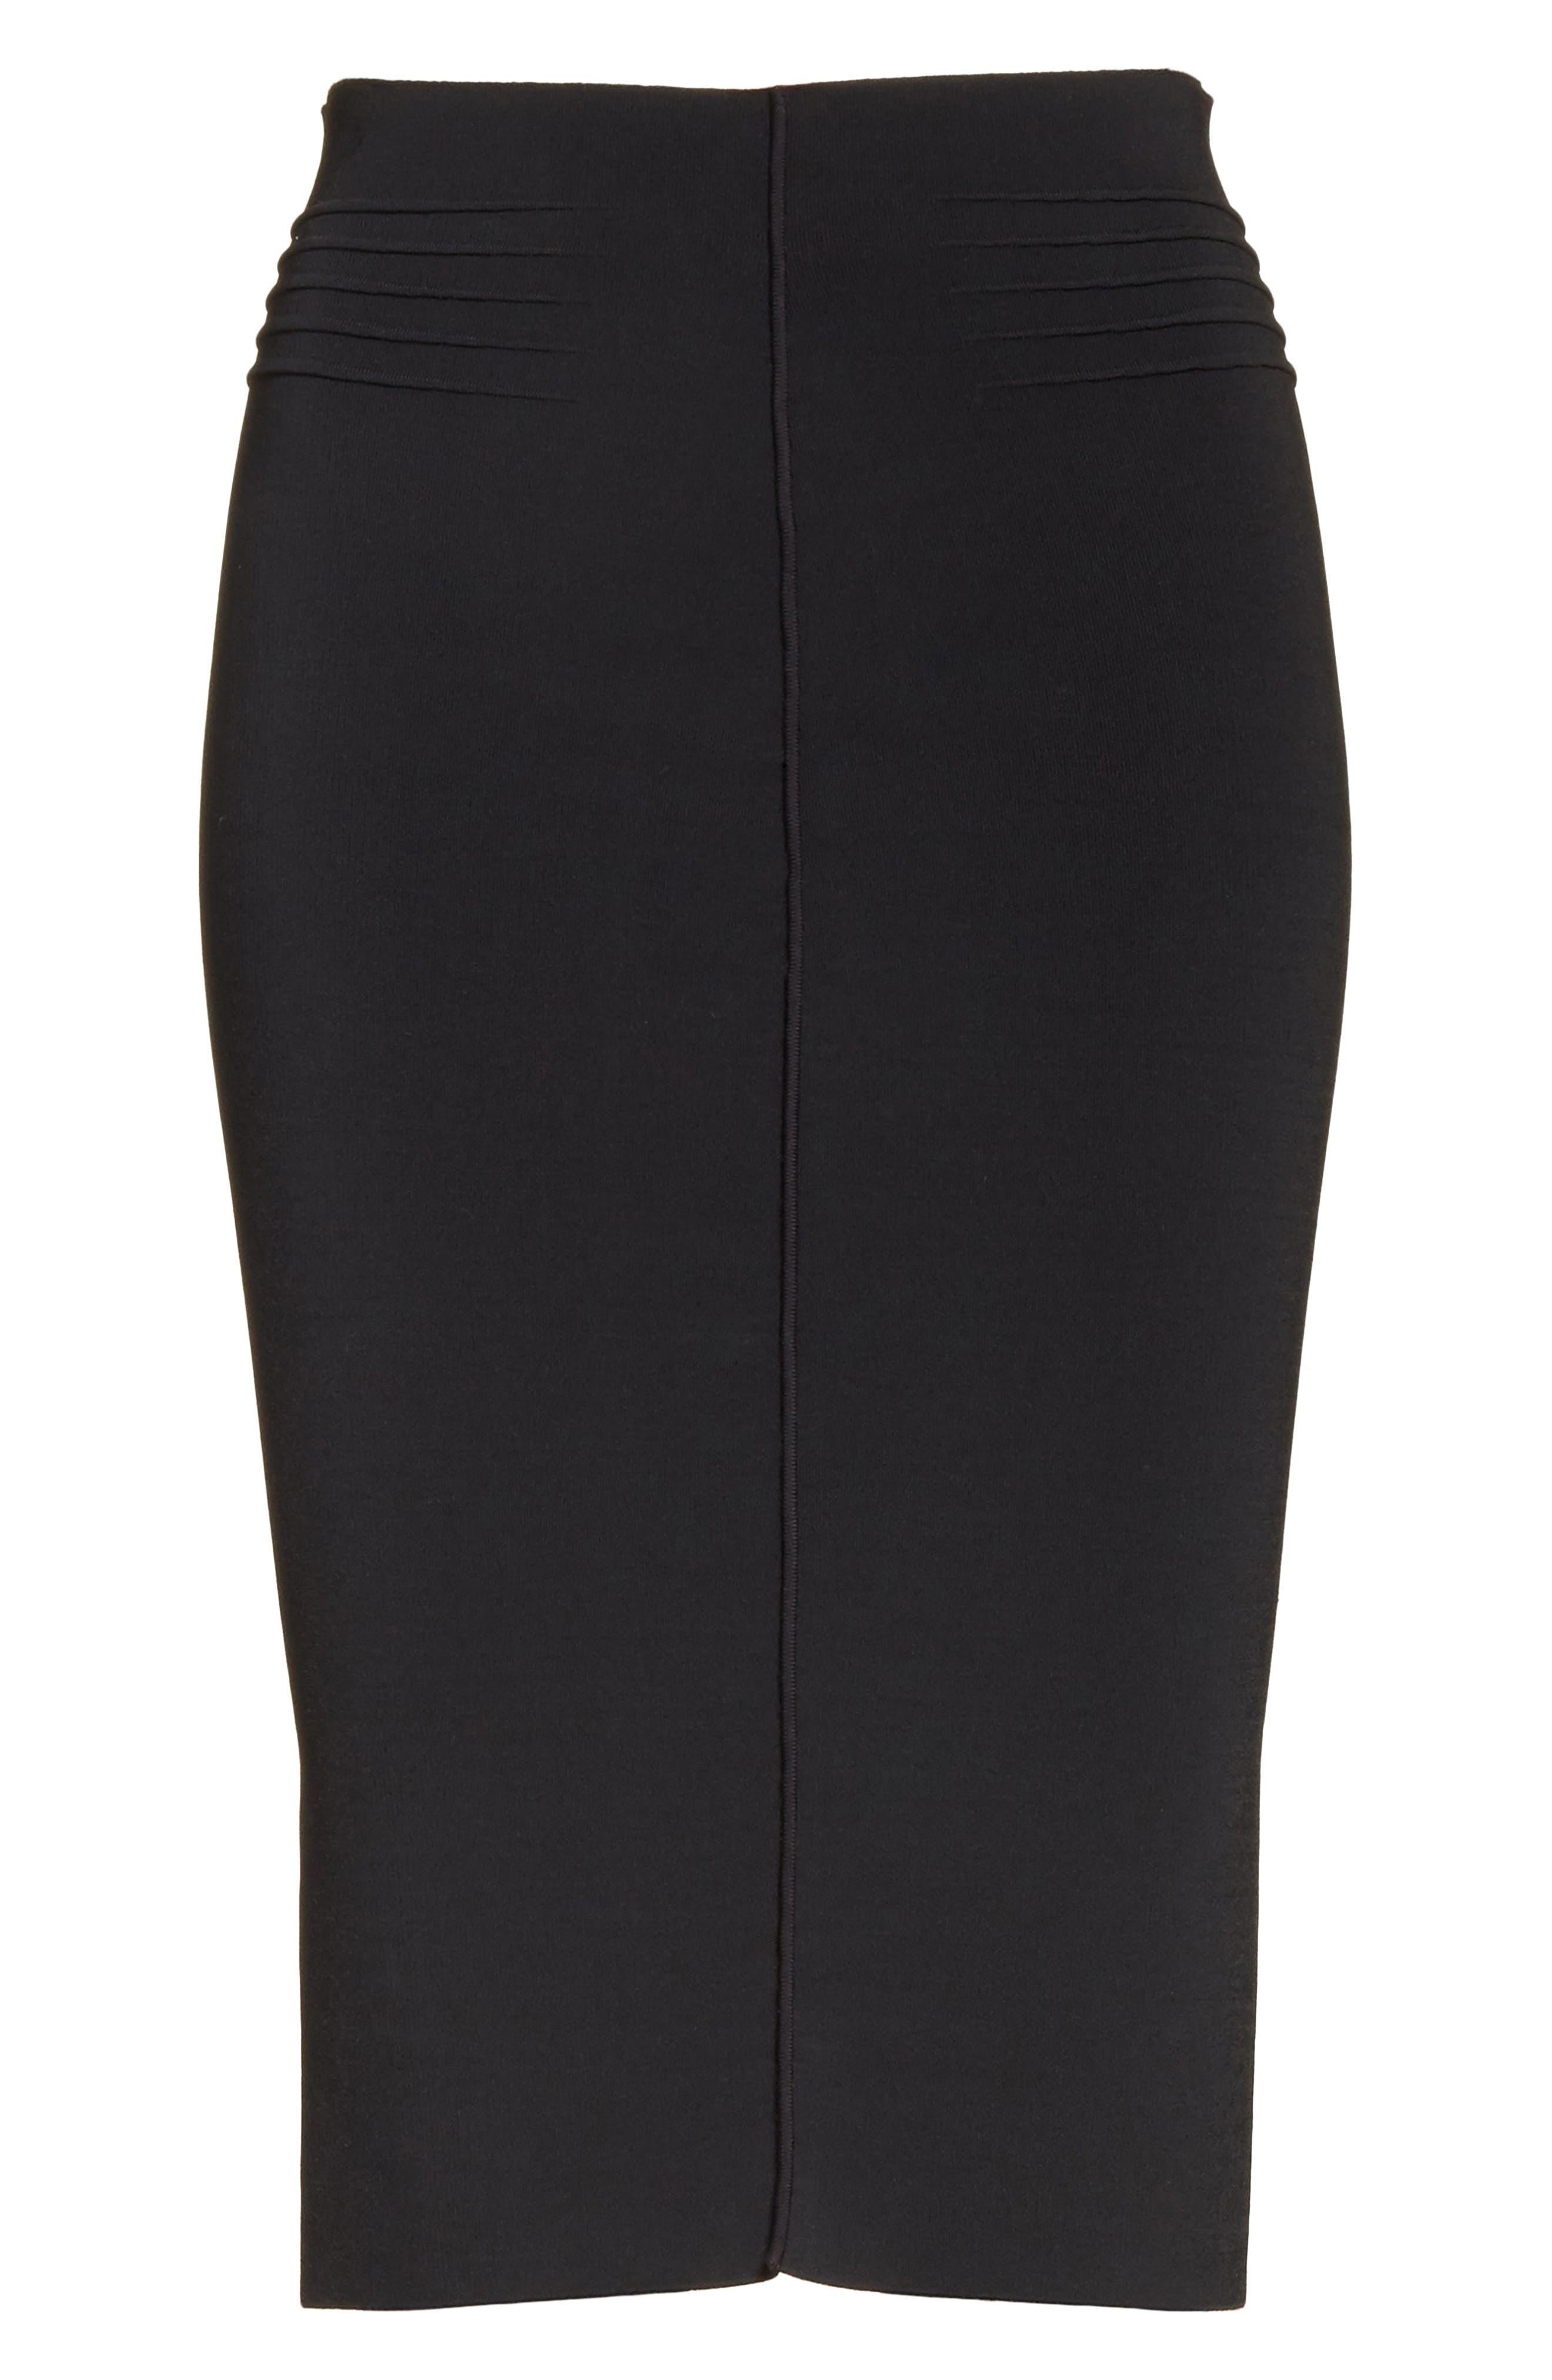 Knit Pencil Skirt,                             Alternate thumbnail 6, color,                             Black